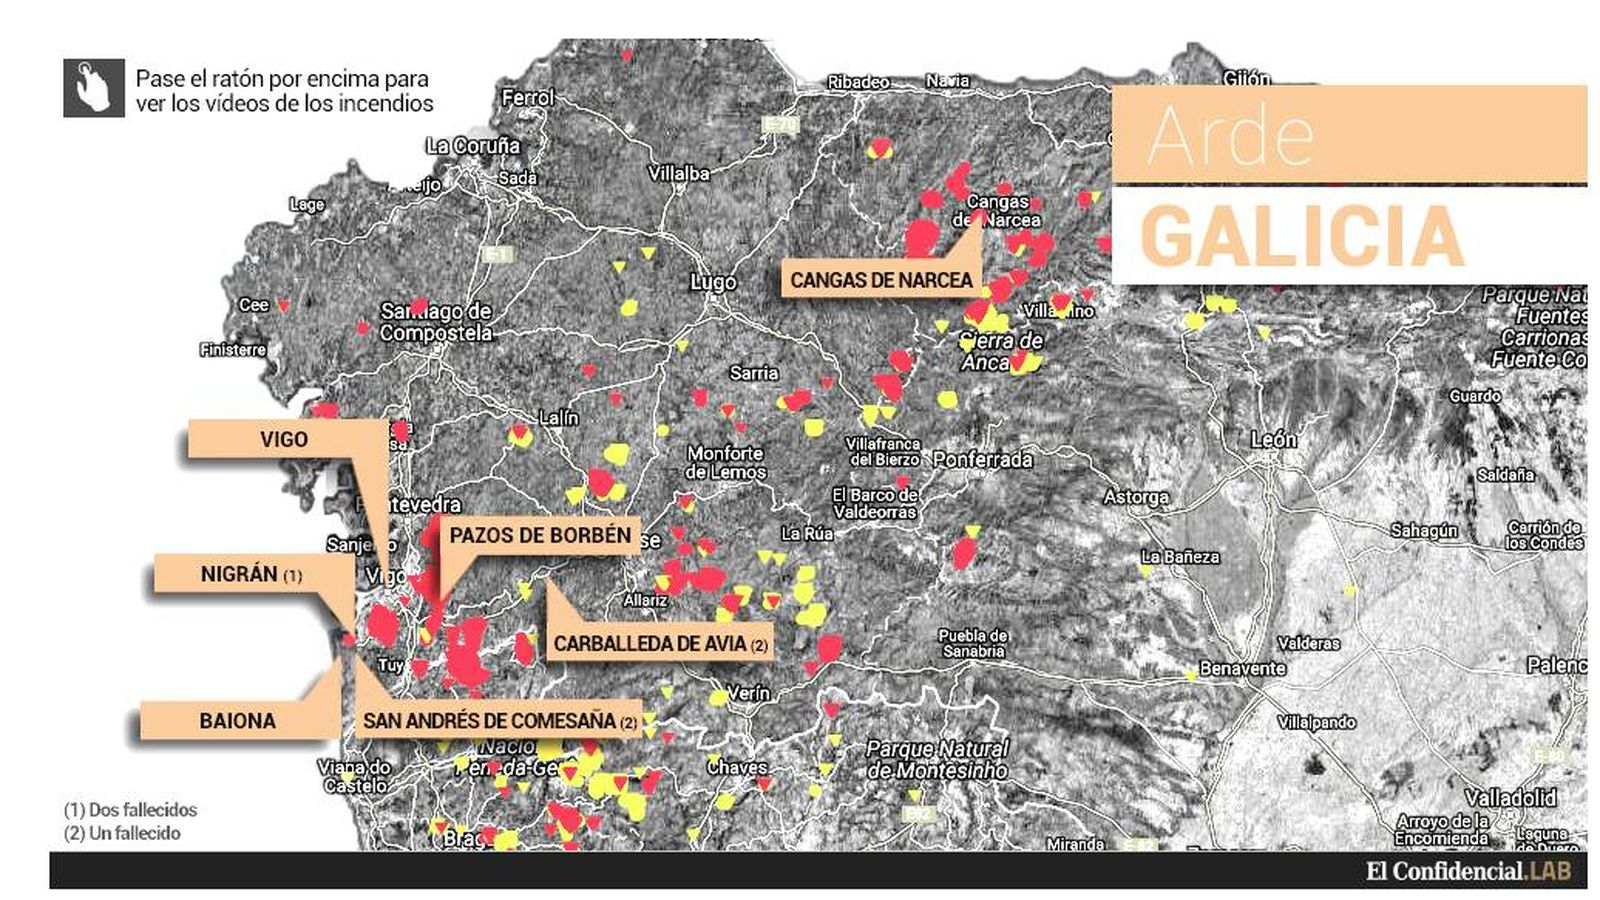 Incendios Este Es El Mapa De Los Incendios Que Arrasan Galicia Y